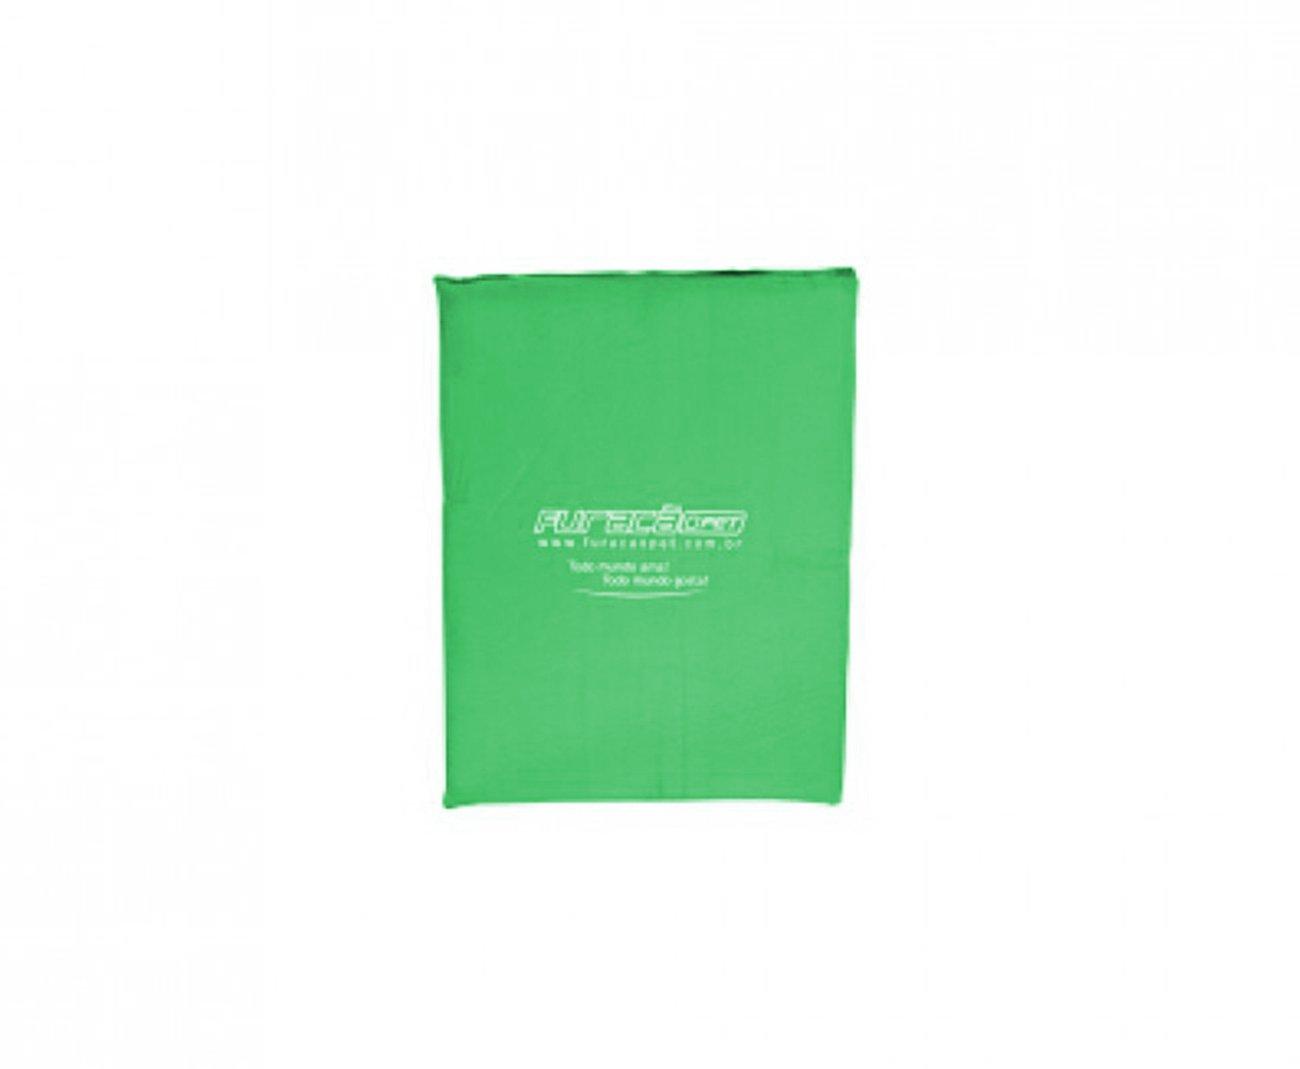 Colchonete Furacãopet N1 Verde - P - Furacão